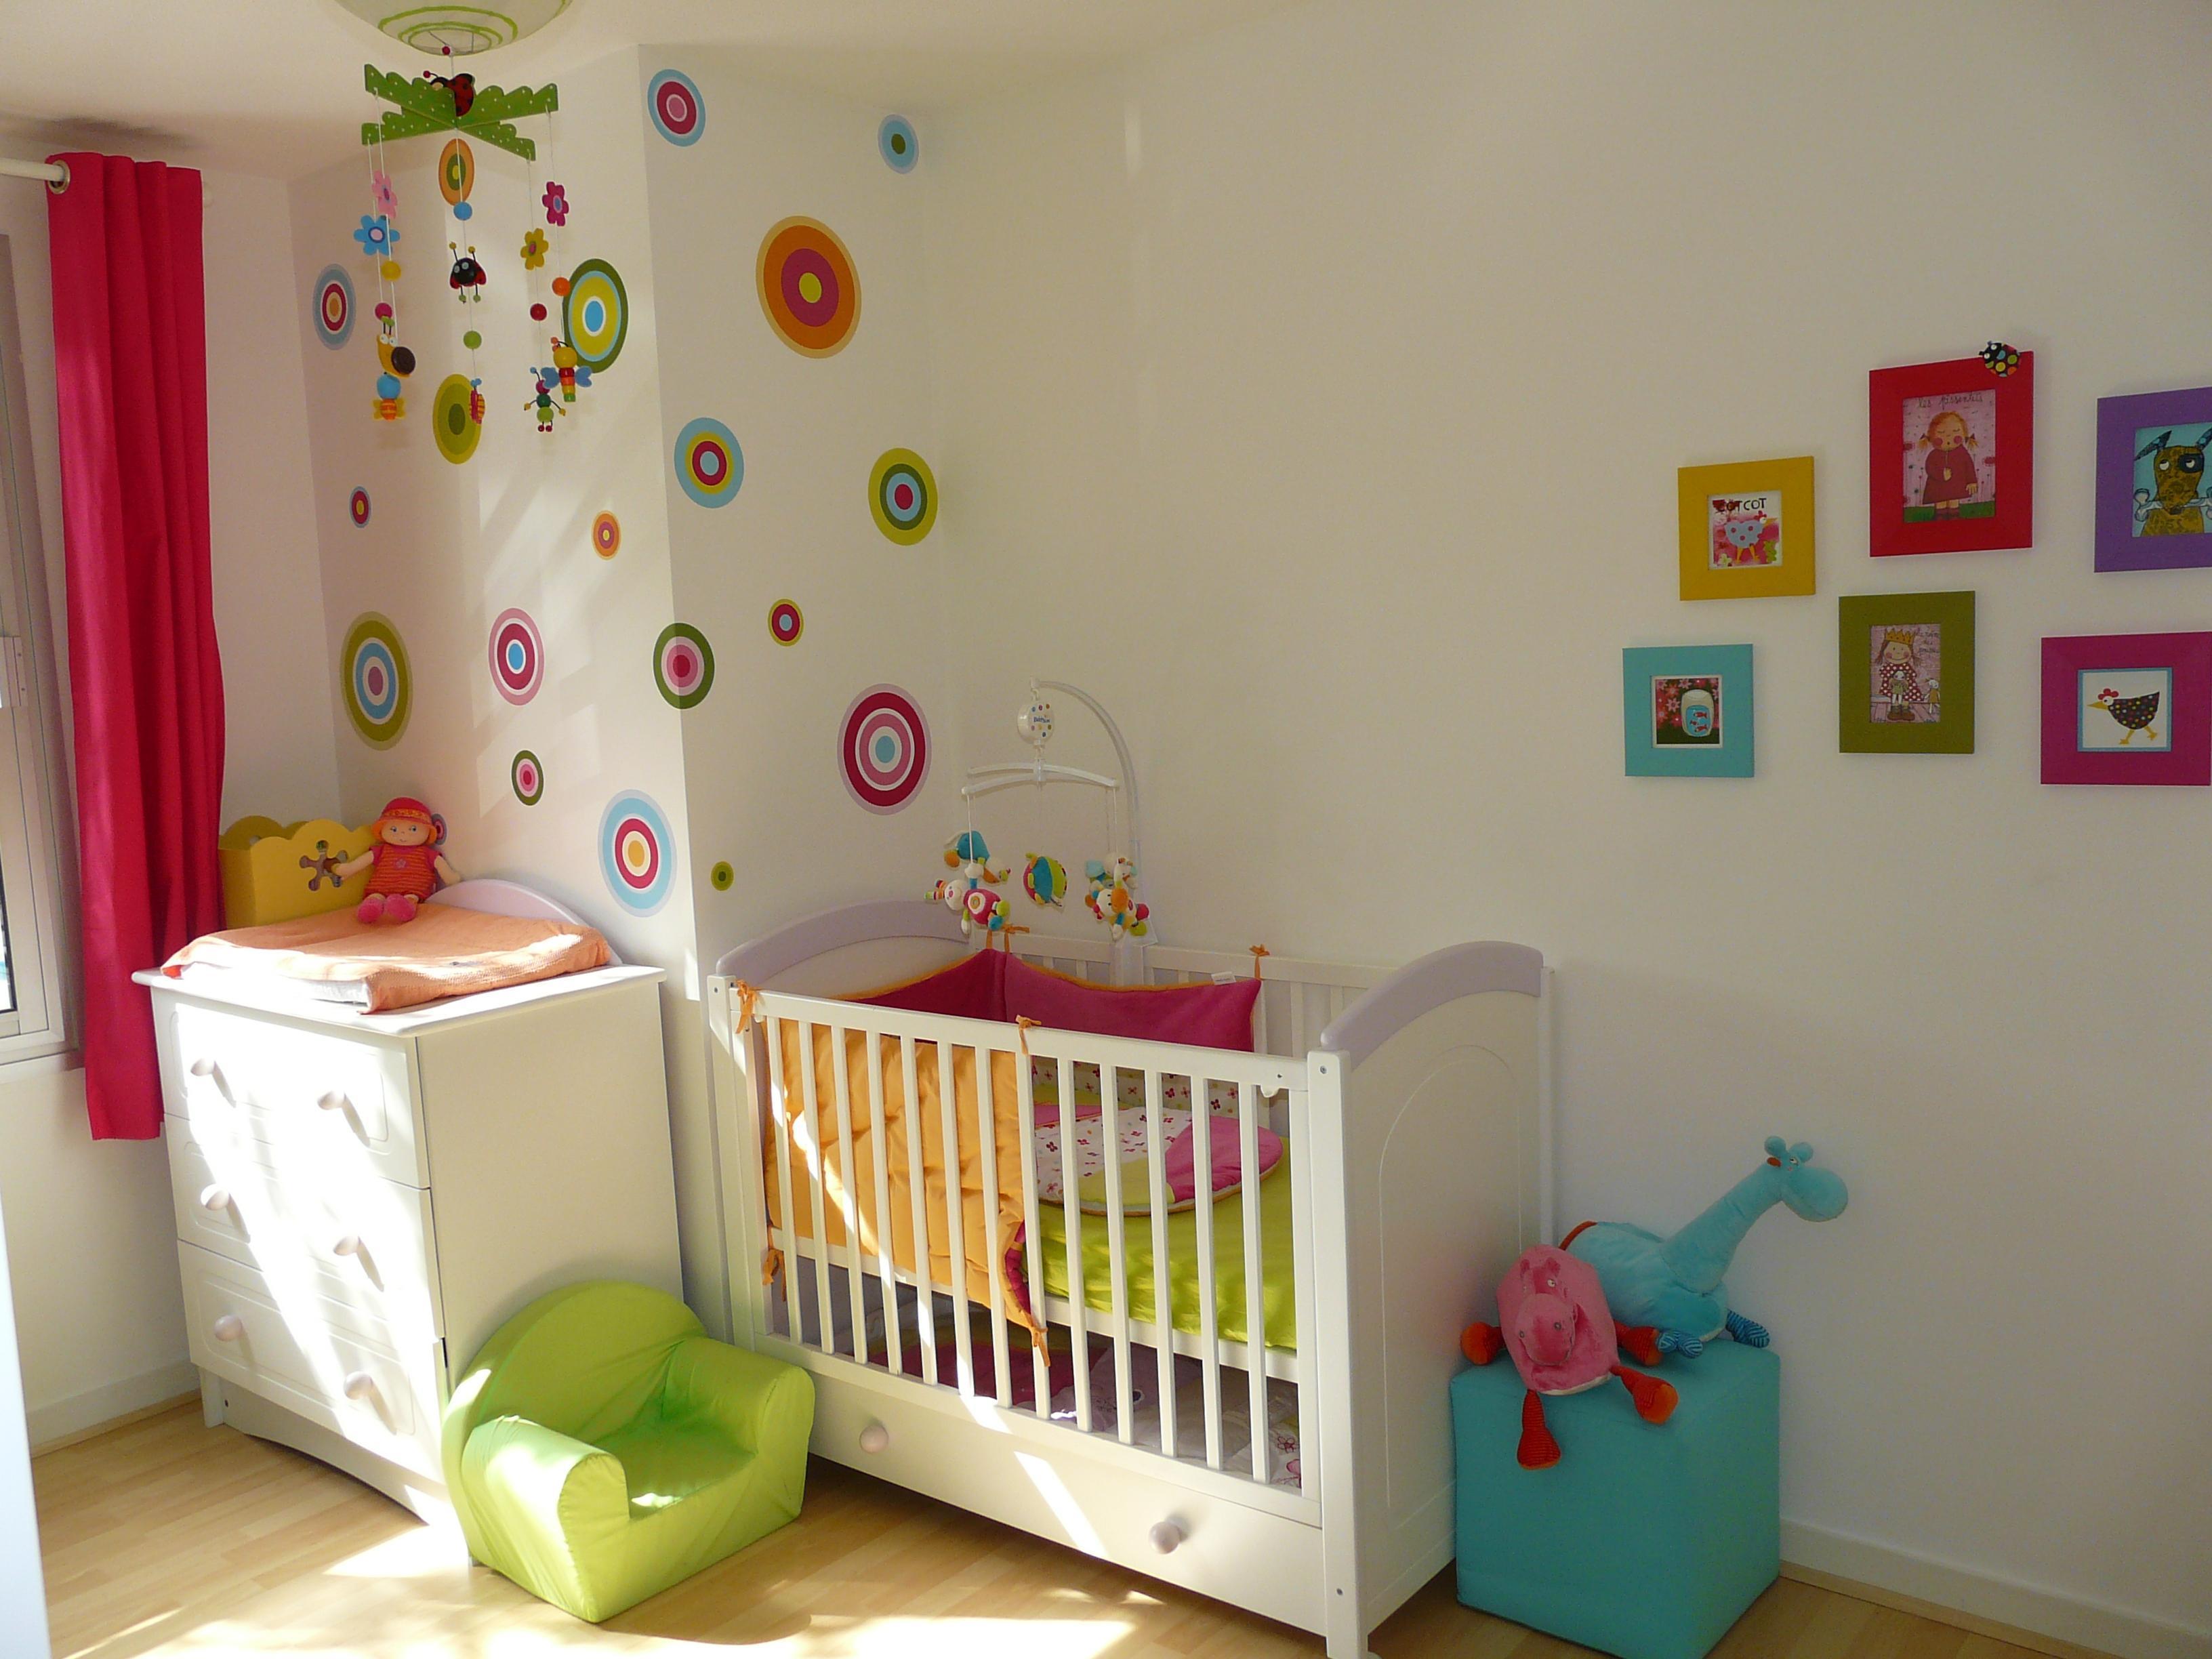 Decoration De Chambre Enfant